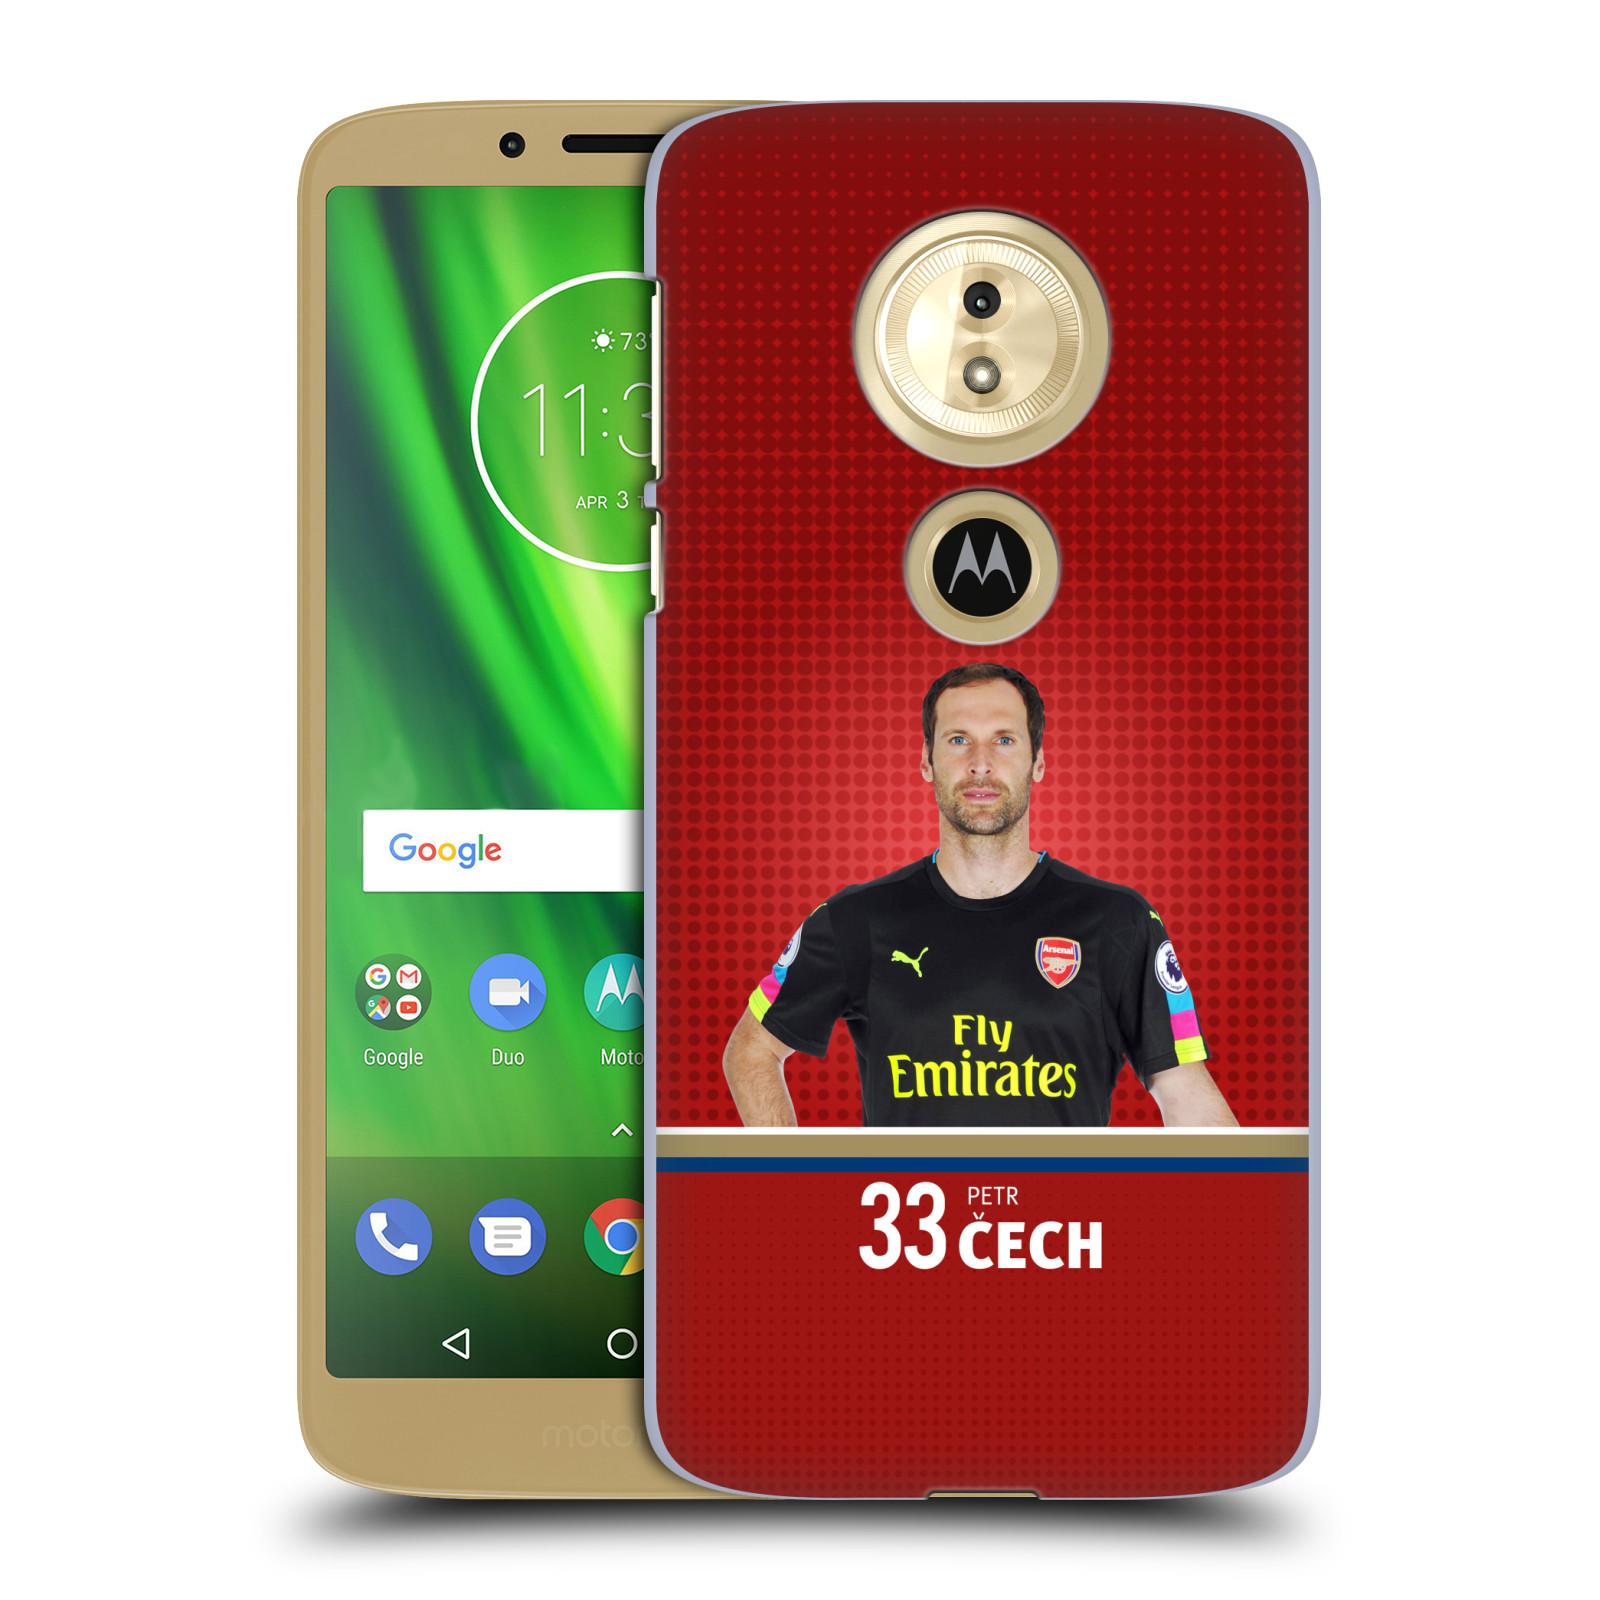 Plastové pouzdro na mobil Motorola Moto G6 Play - Head Case - Arsenal FC - Petr Čech